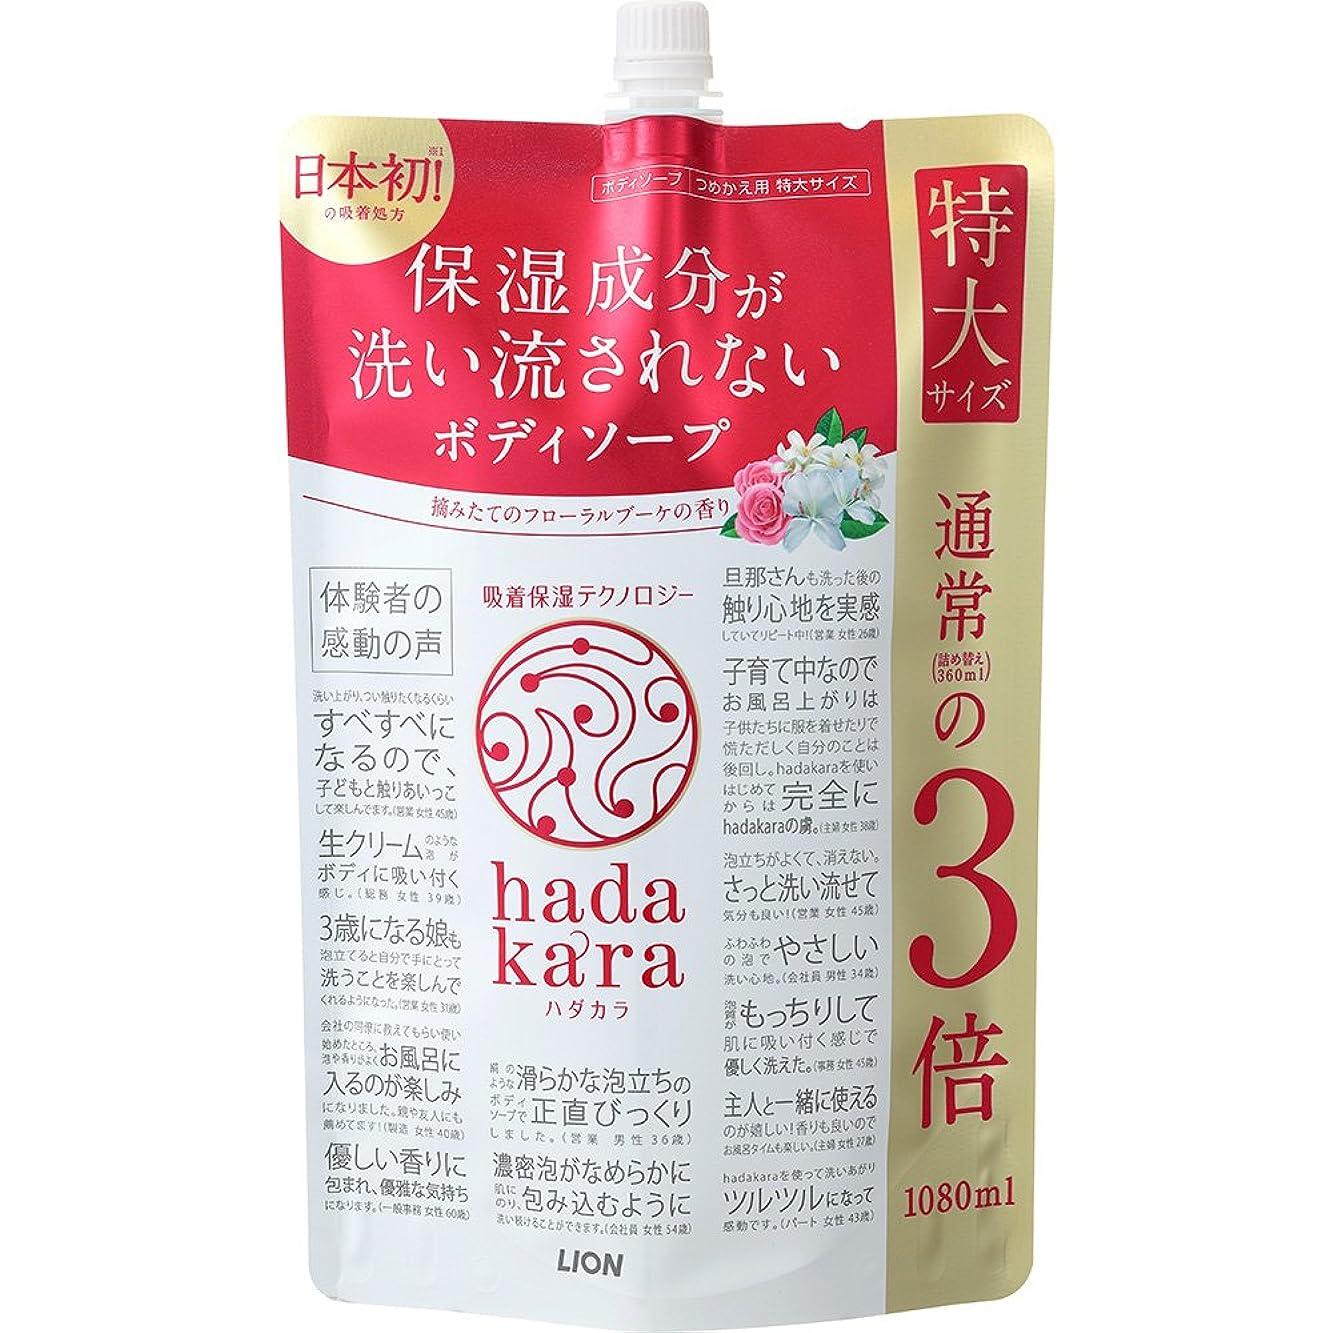 横向き最初に略奪【大容量】hadakara(ハダカラ) ボディソープ フローラルブーケの香り 詰め替え 特大 1080ml